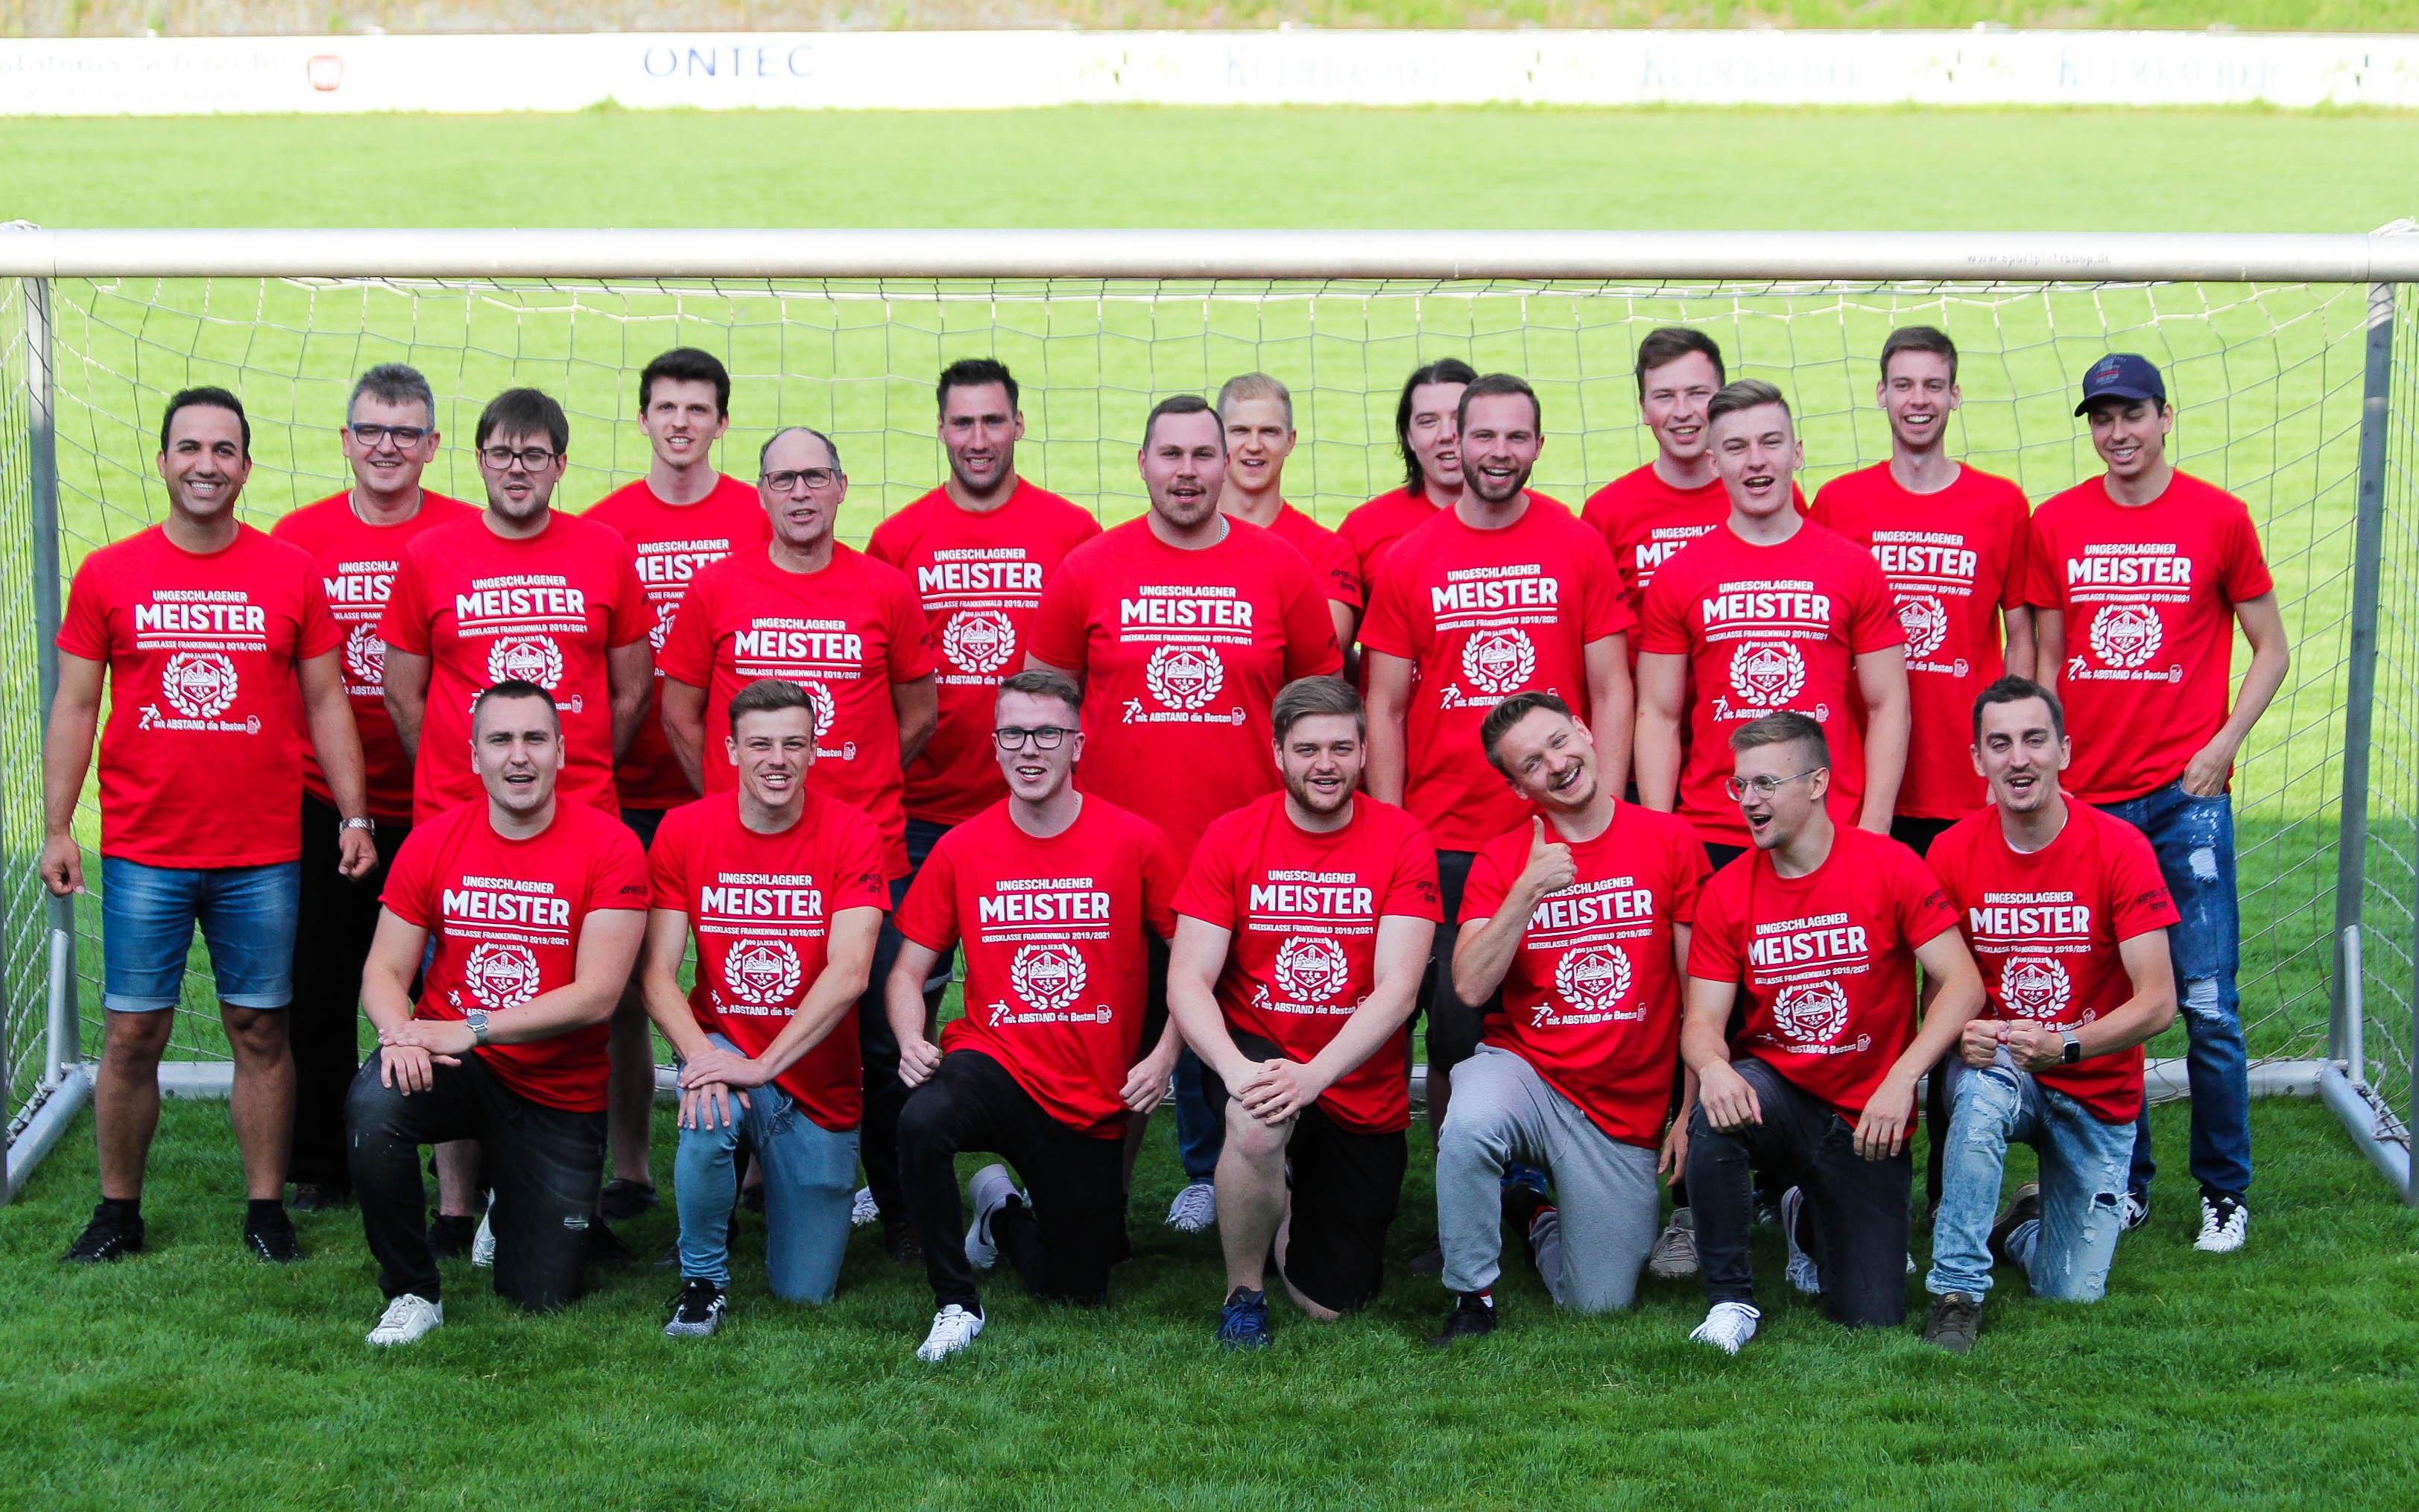 Der VfB ist Meister!